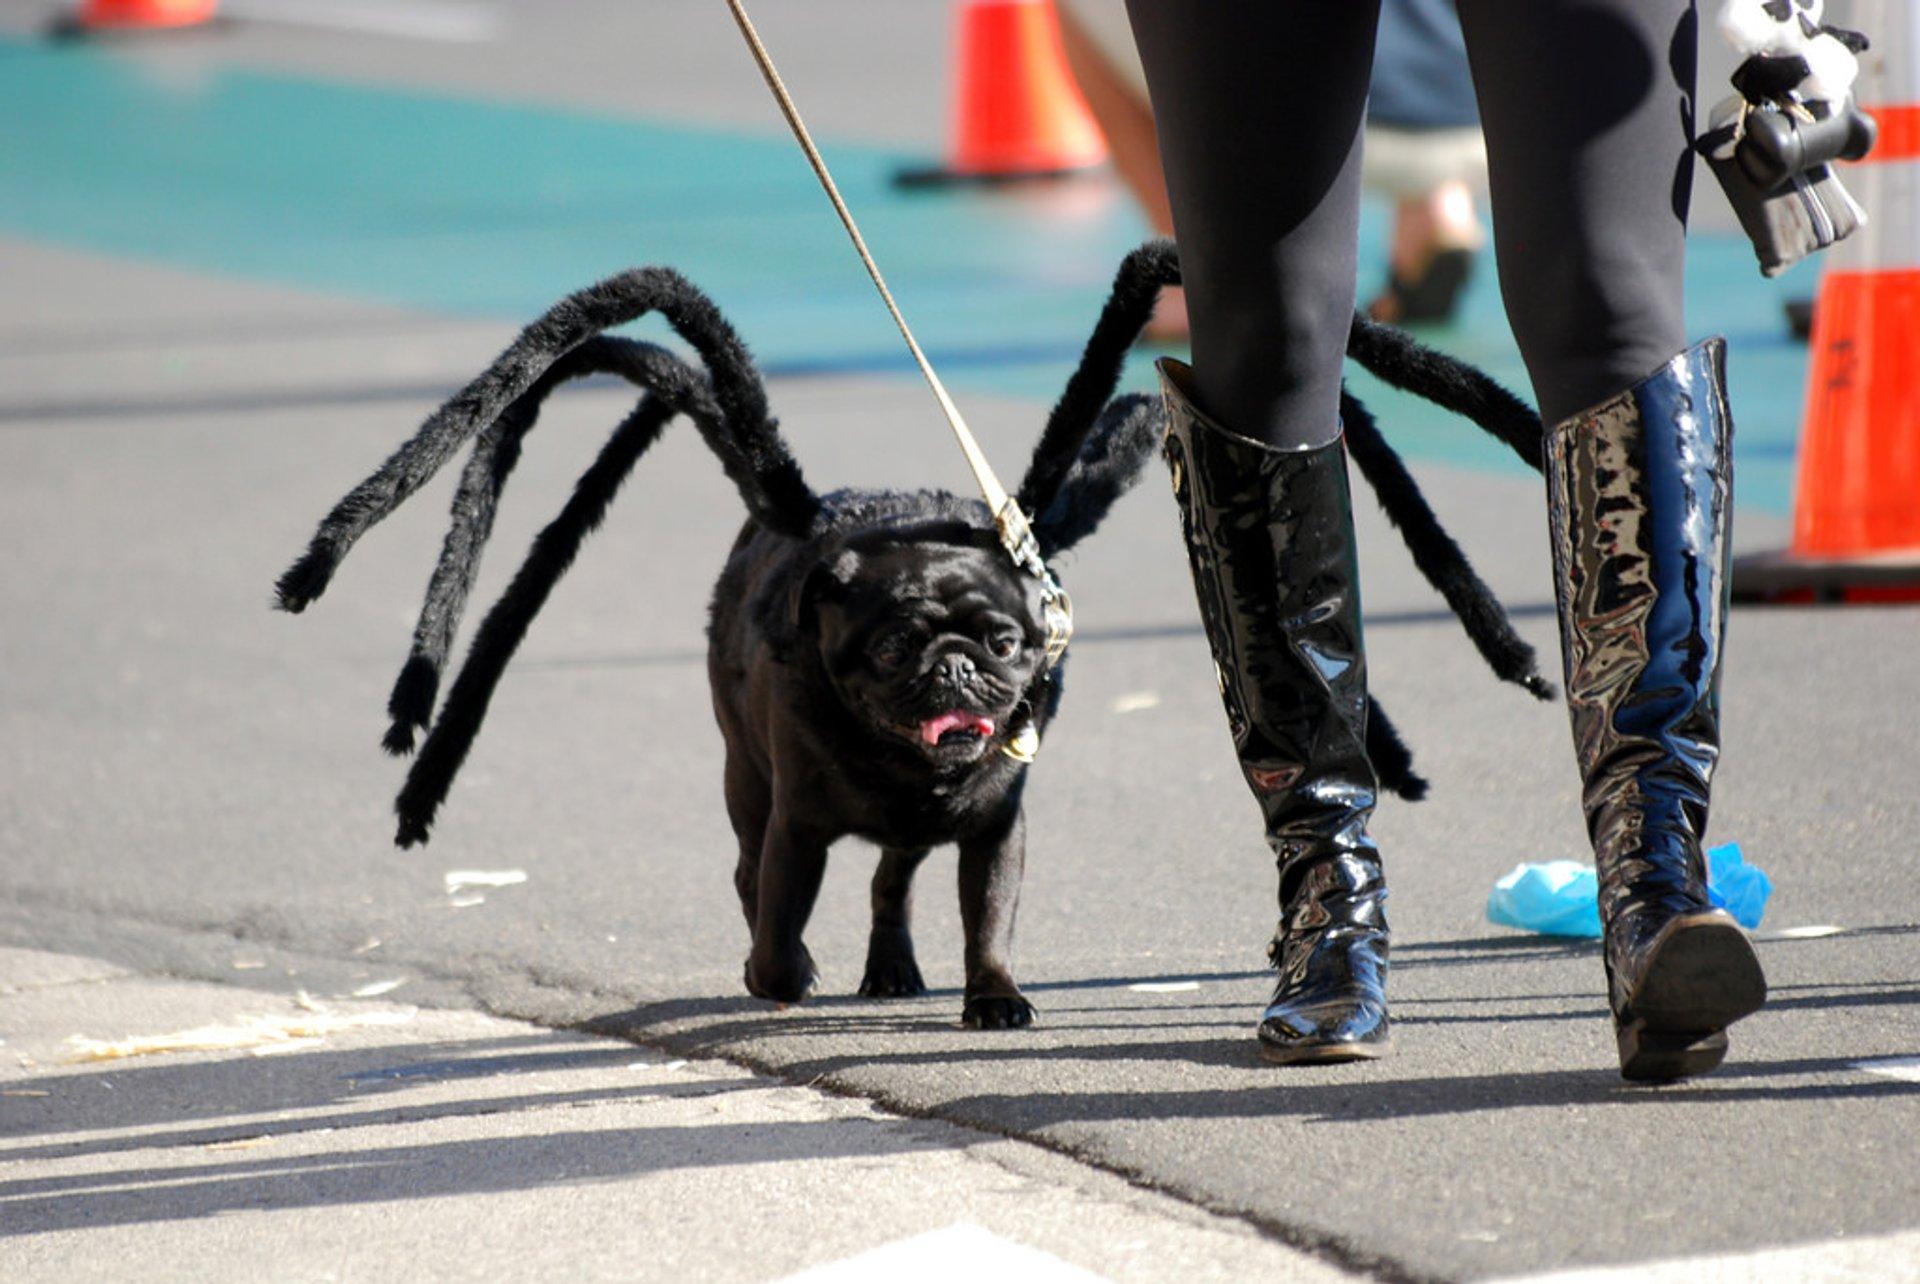 狗狗穿上鬼娃服装,狂奔甩菜刀,网友:钱都给你买零食,别过来